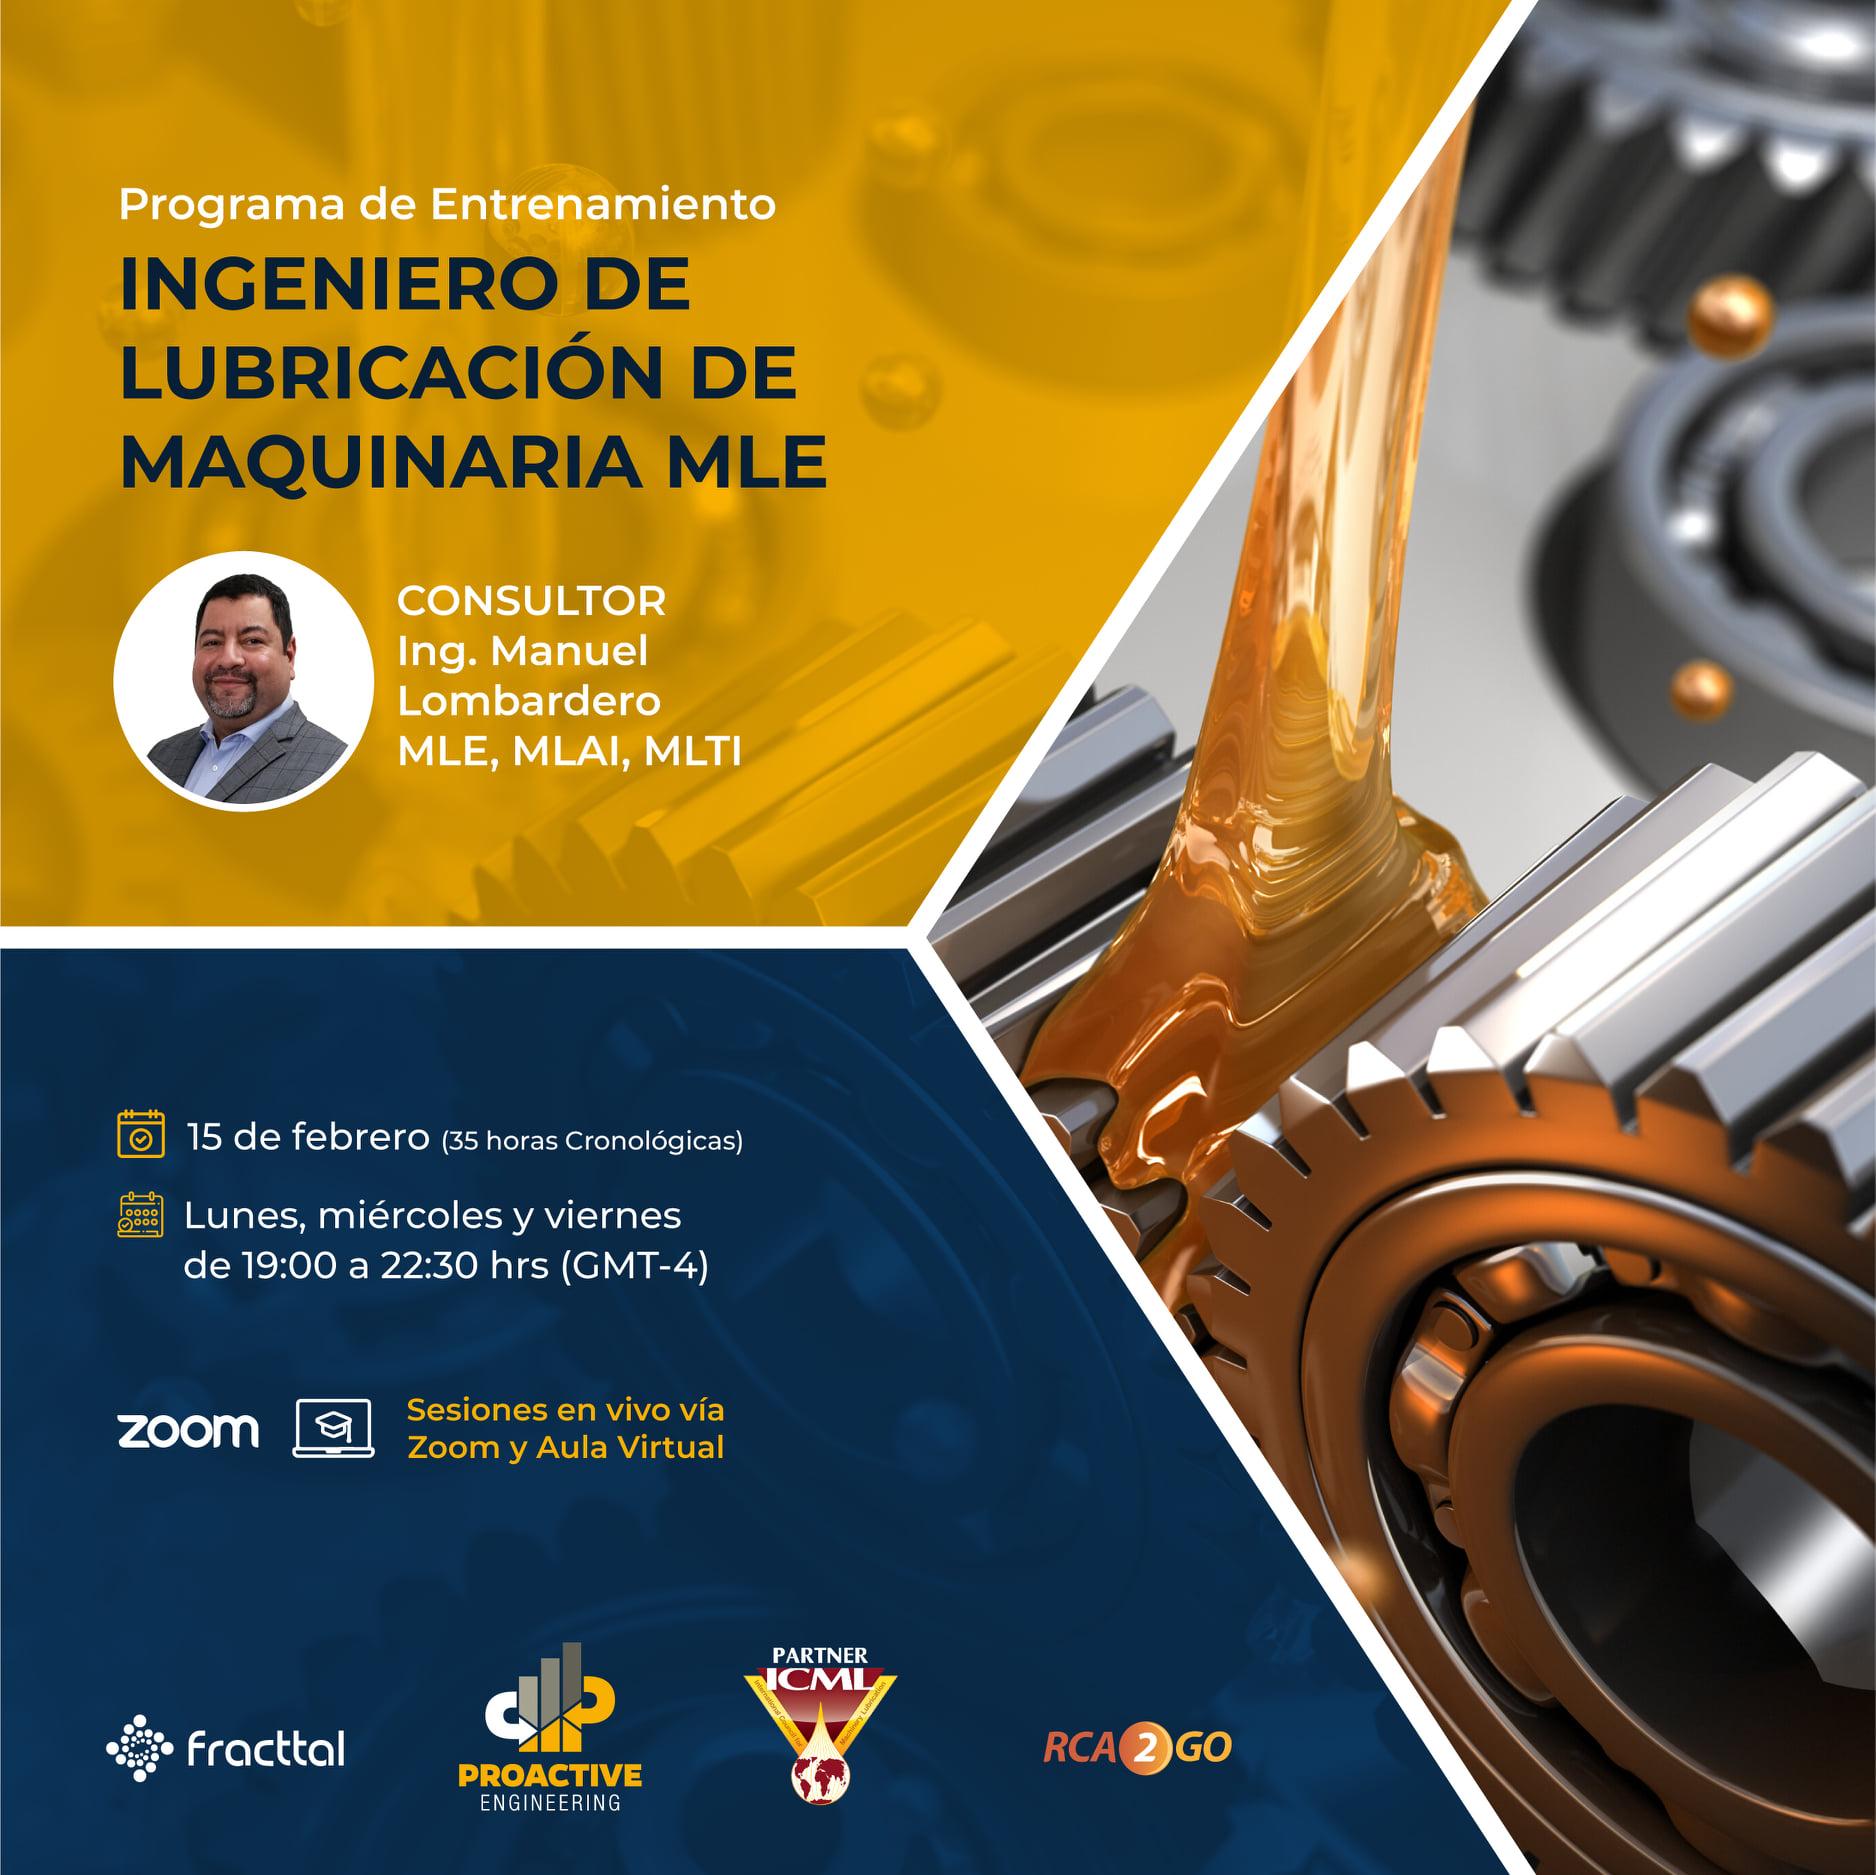 Programa de Entrenamiento MLE - Ingeniero de Lubricación de Maquinaria